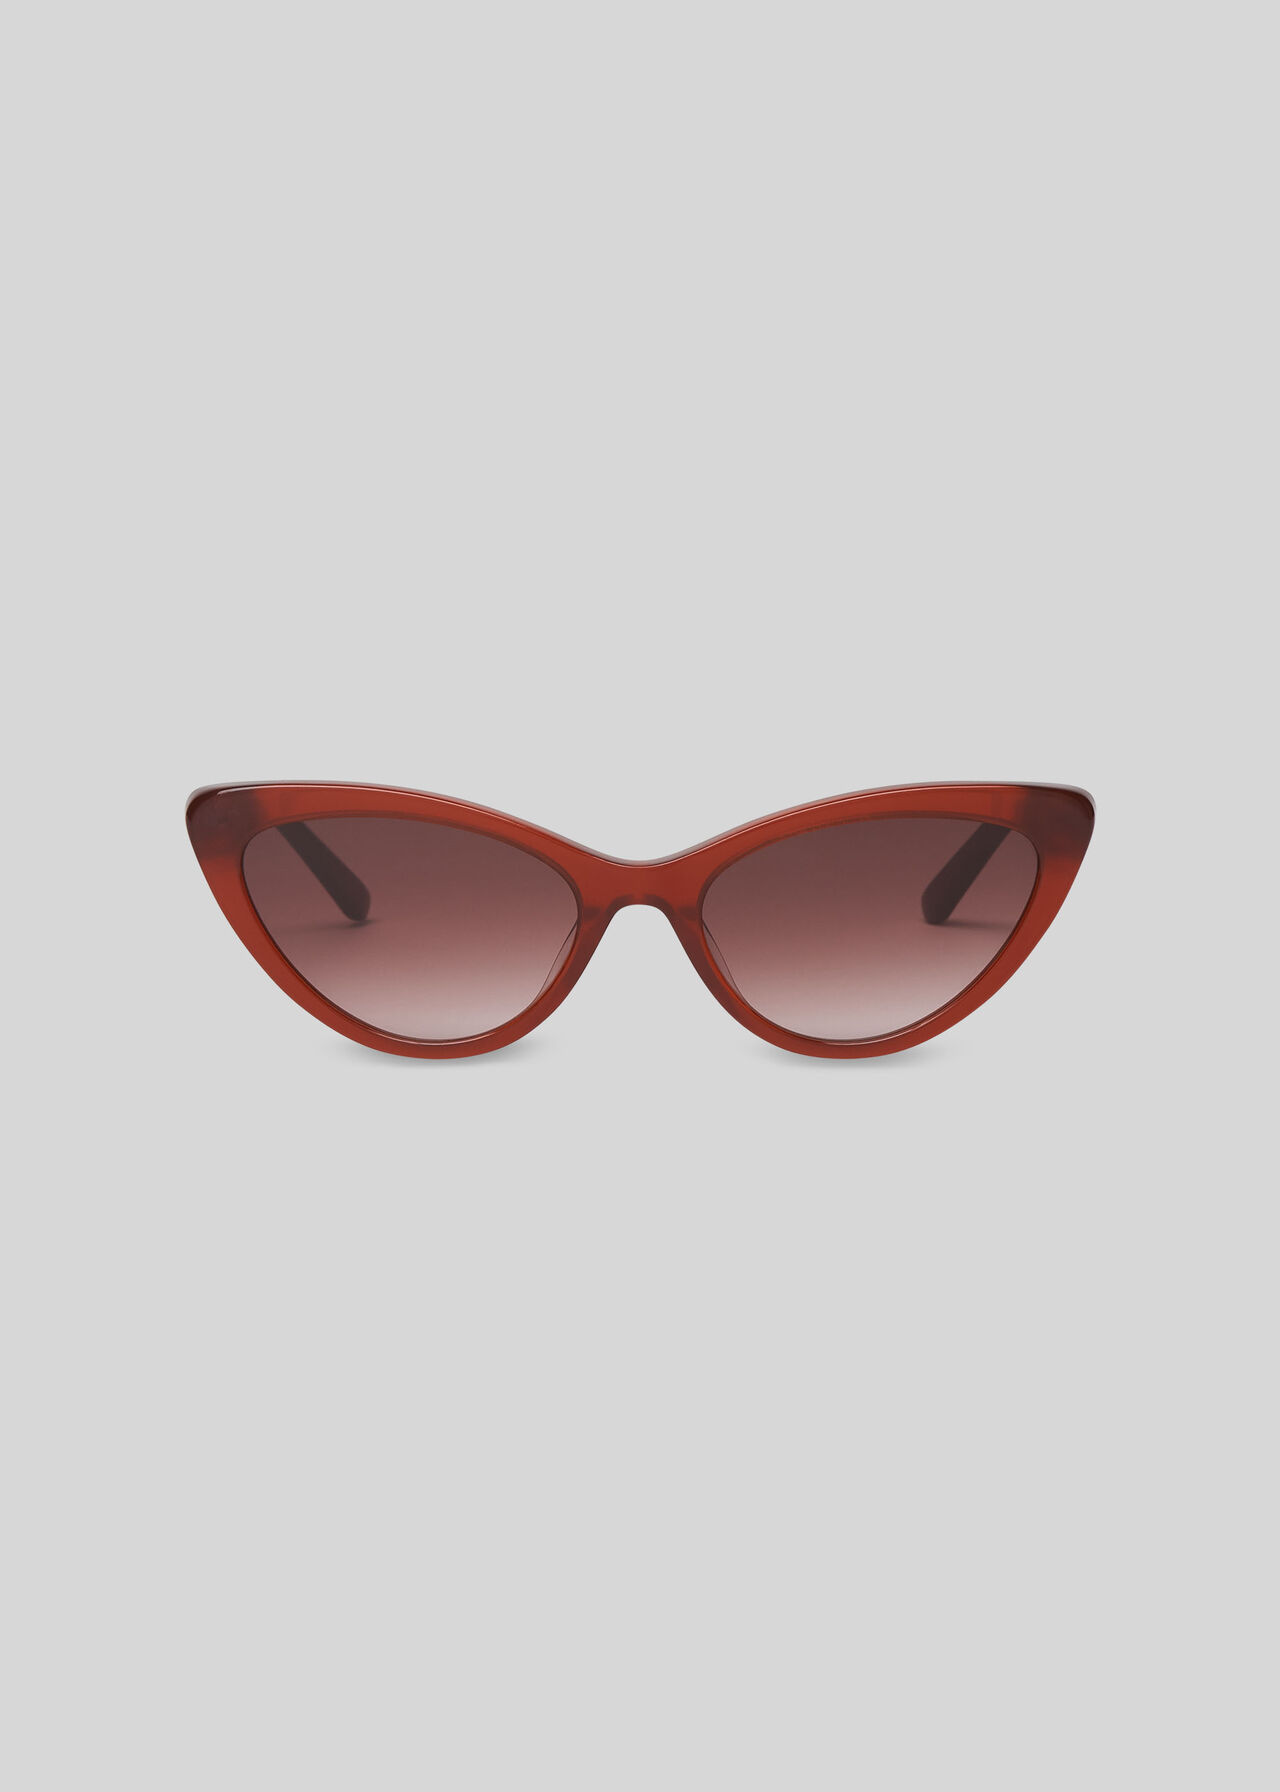 Hart Cat Eye Sunglasses Rust